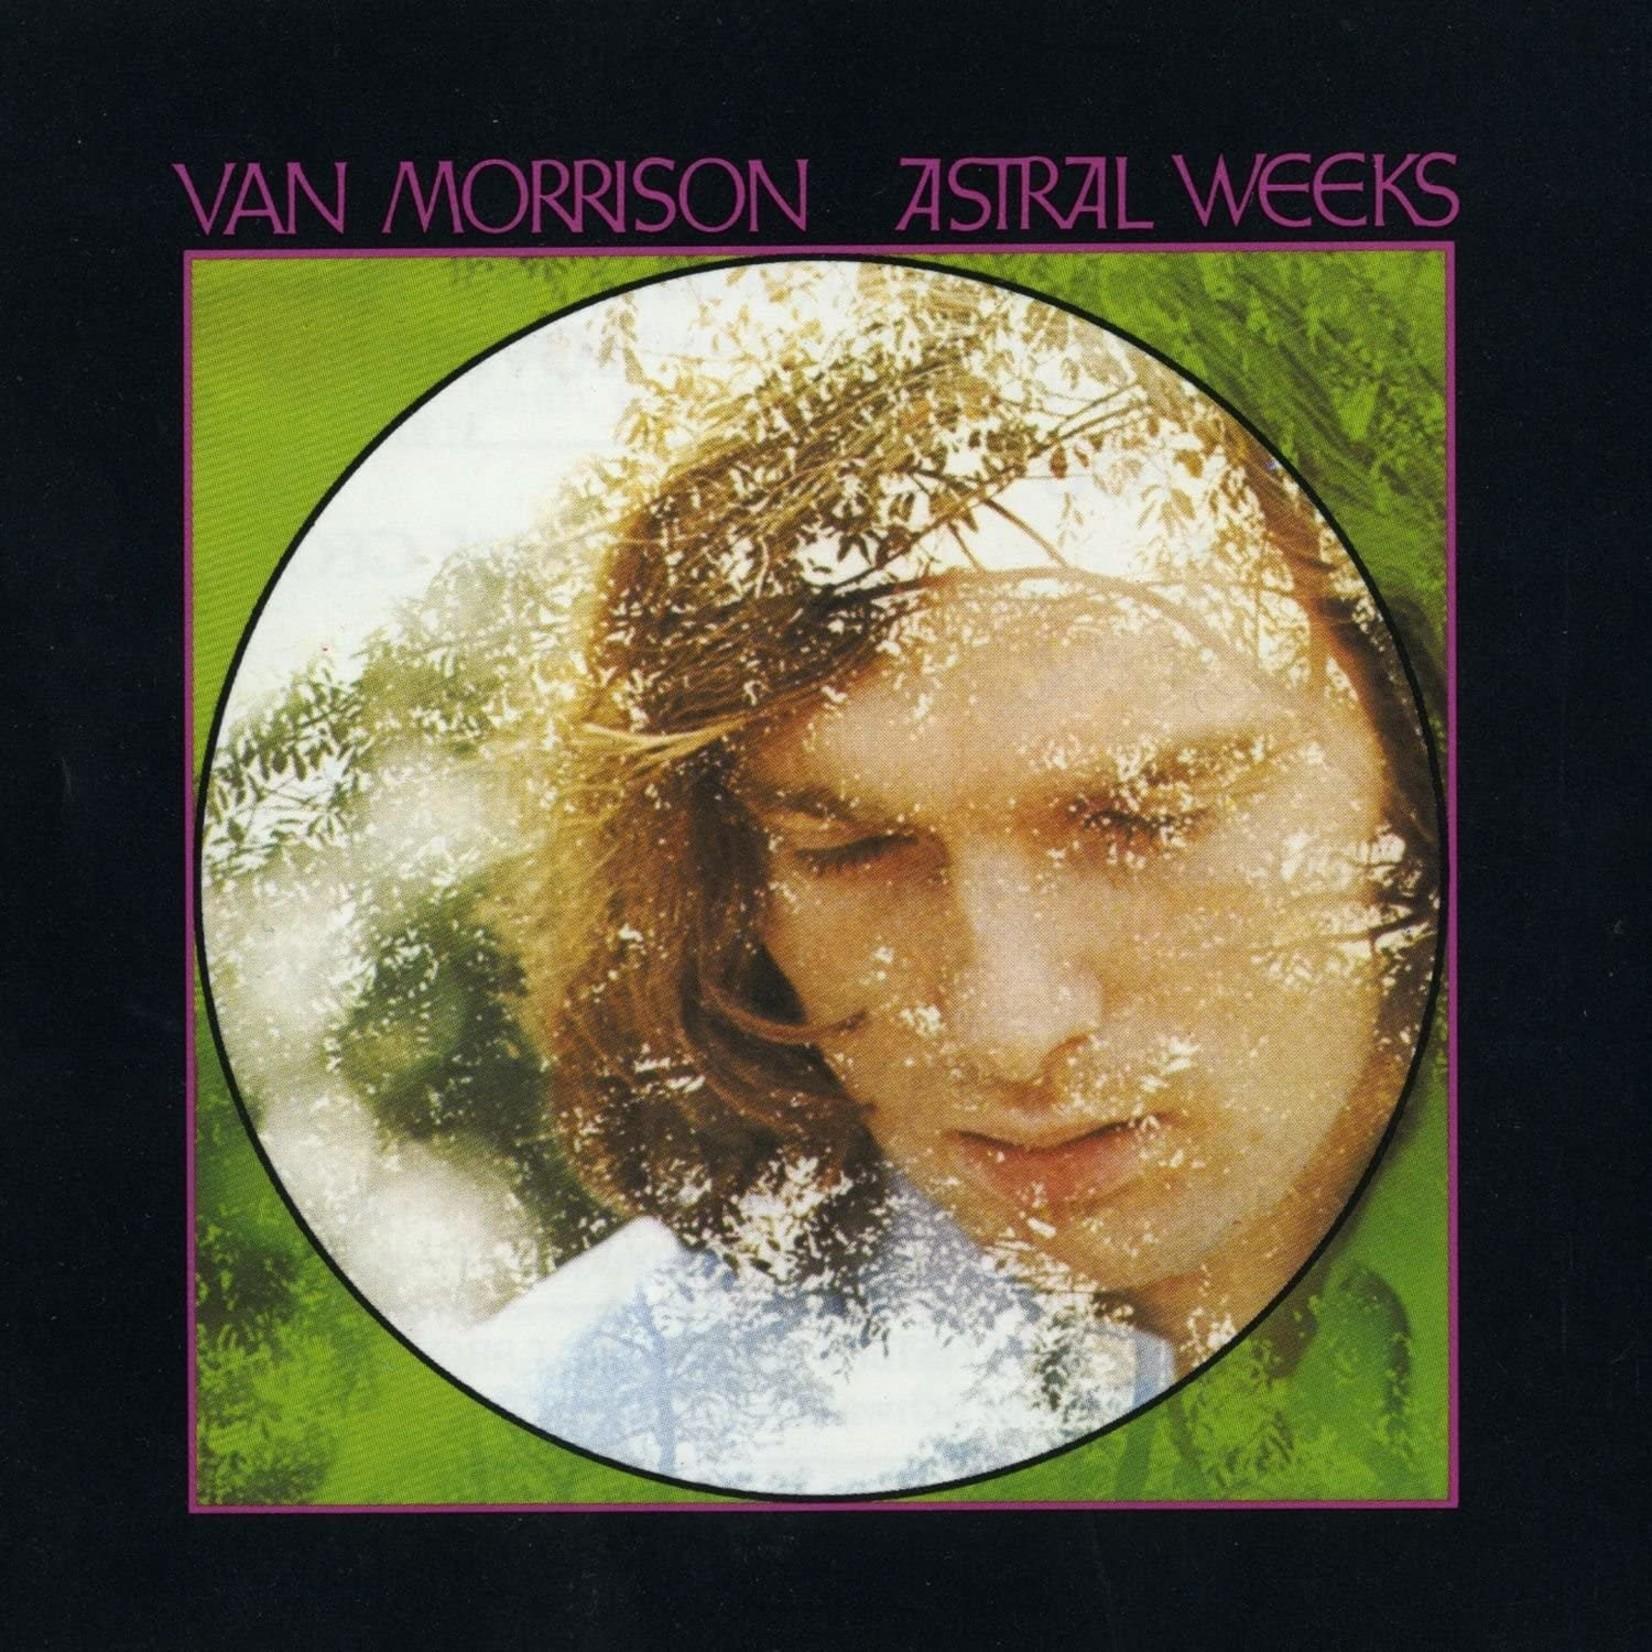 VAN MORRISON ASTRAL WEEKS